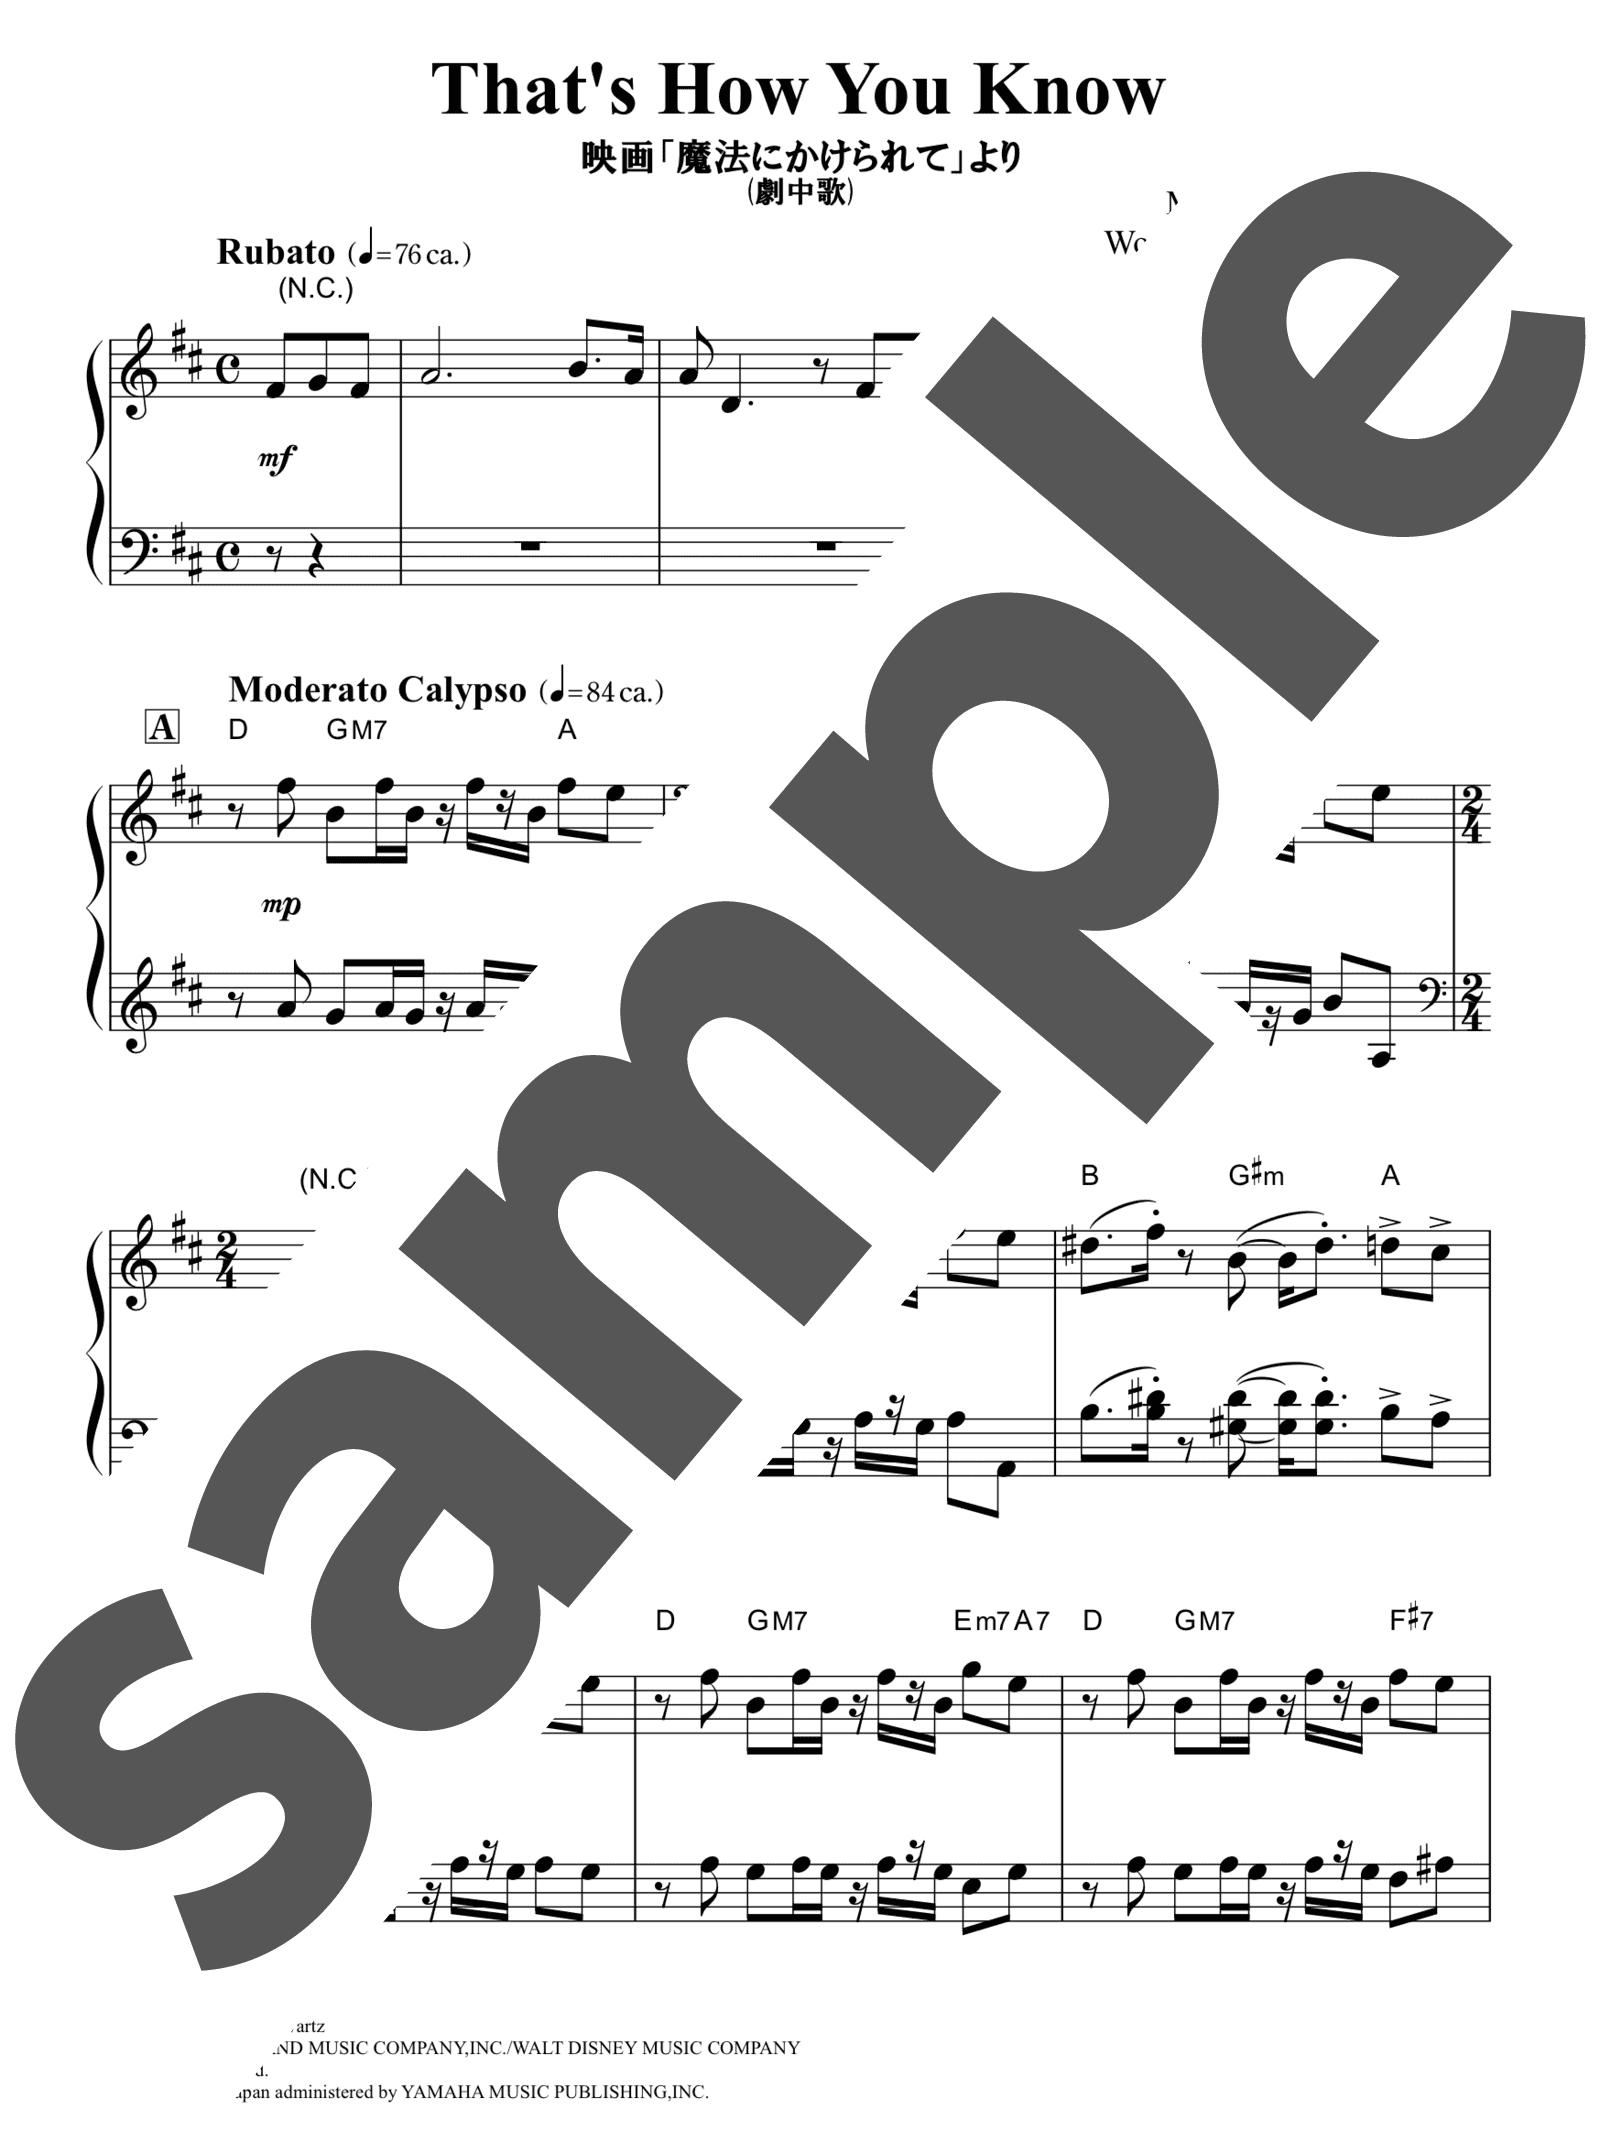 「想いを伝えて」のサンプル楽譜